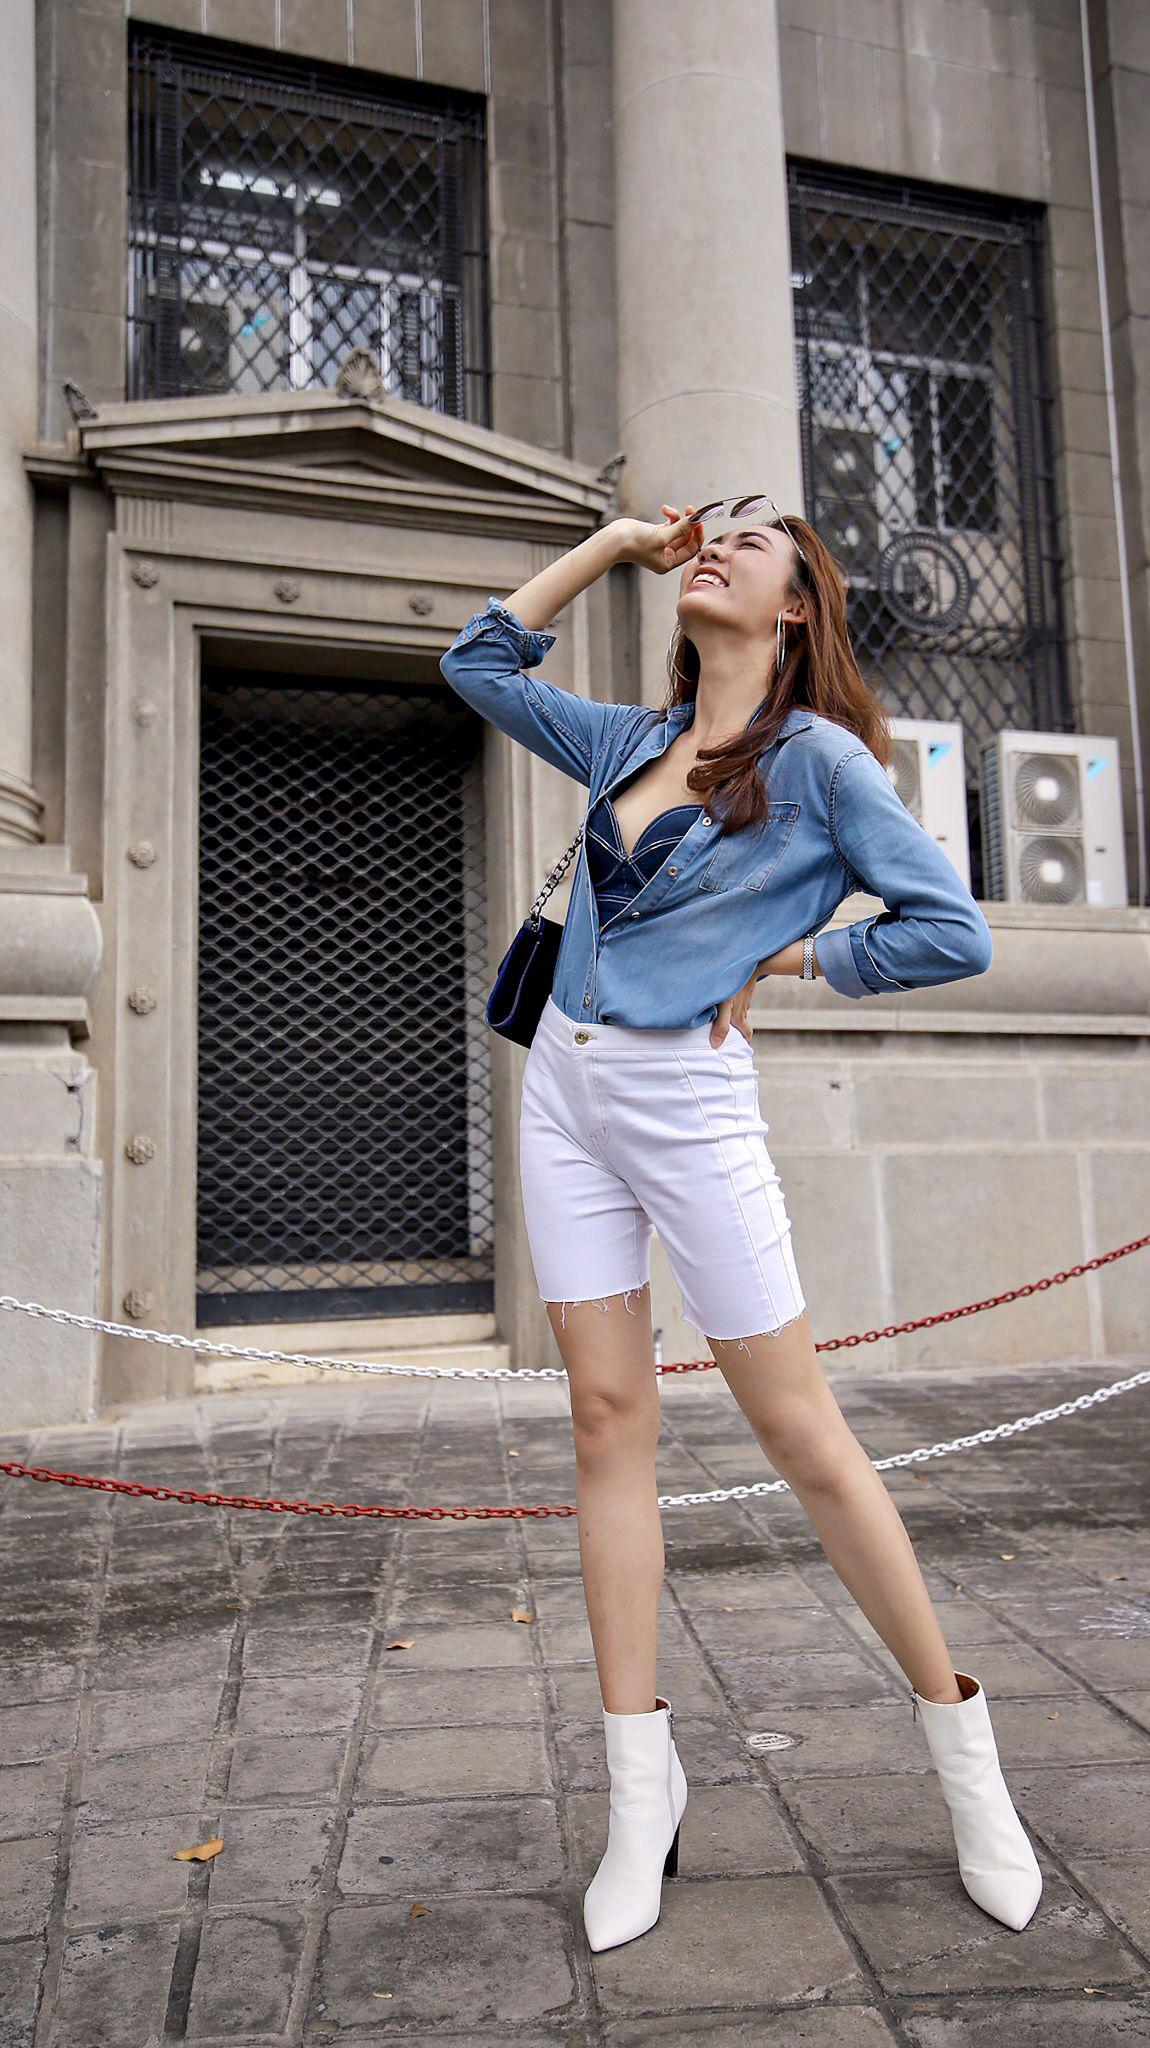 5 công thức diện jeans ton sur ton mà các cặp đôi không thể bỏ qua - Ảnh 8.